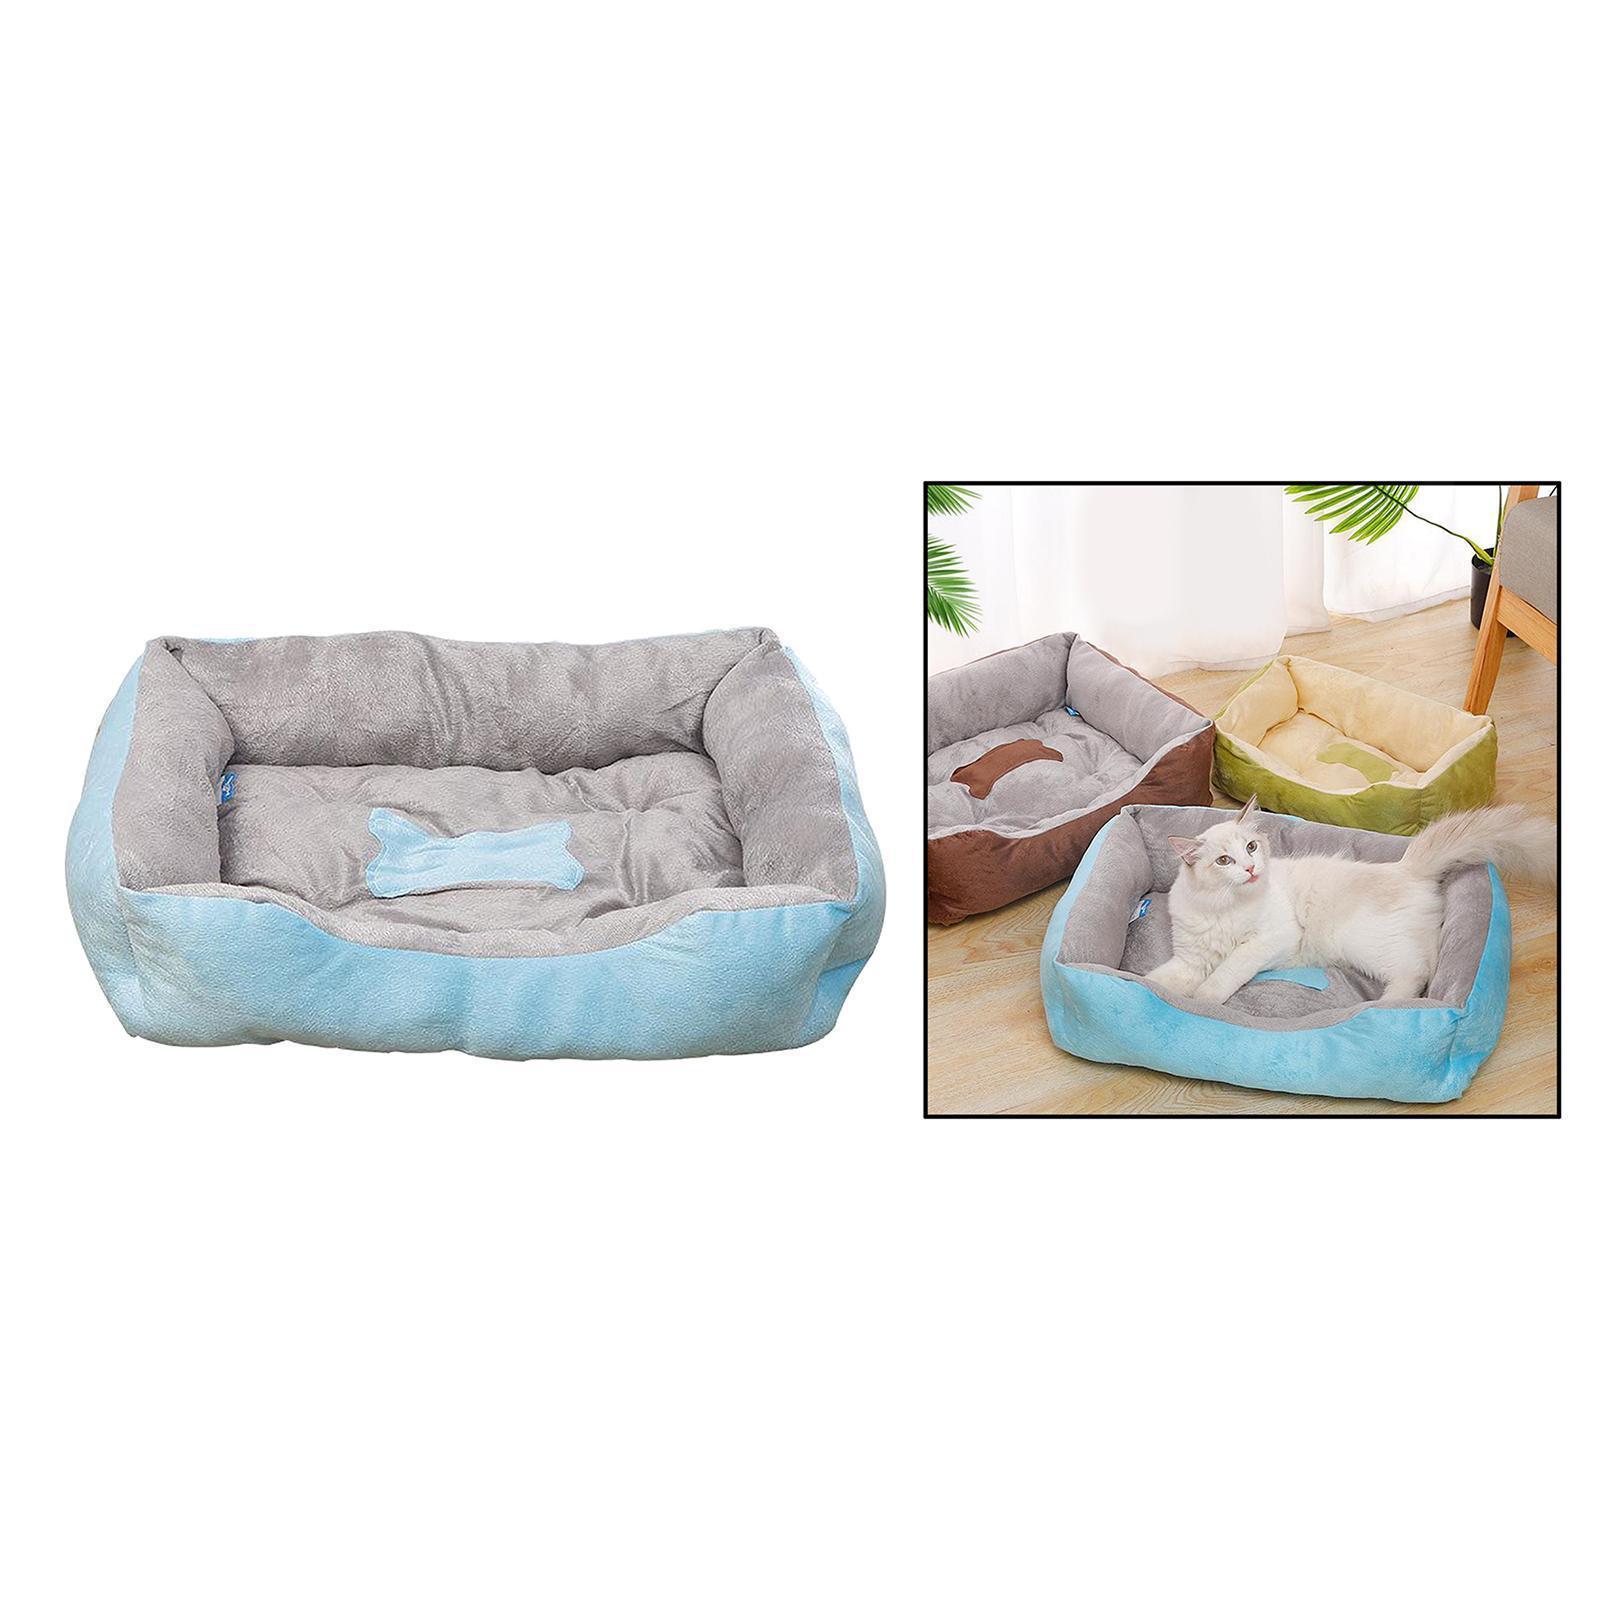 Indexbild 76 - Katze-Hund-Bett-Pet-Kissen-Betten-Haus-Schlaf-Soft-Warmen-Zwinger-Decke-Nest